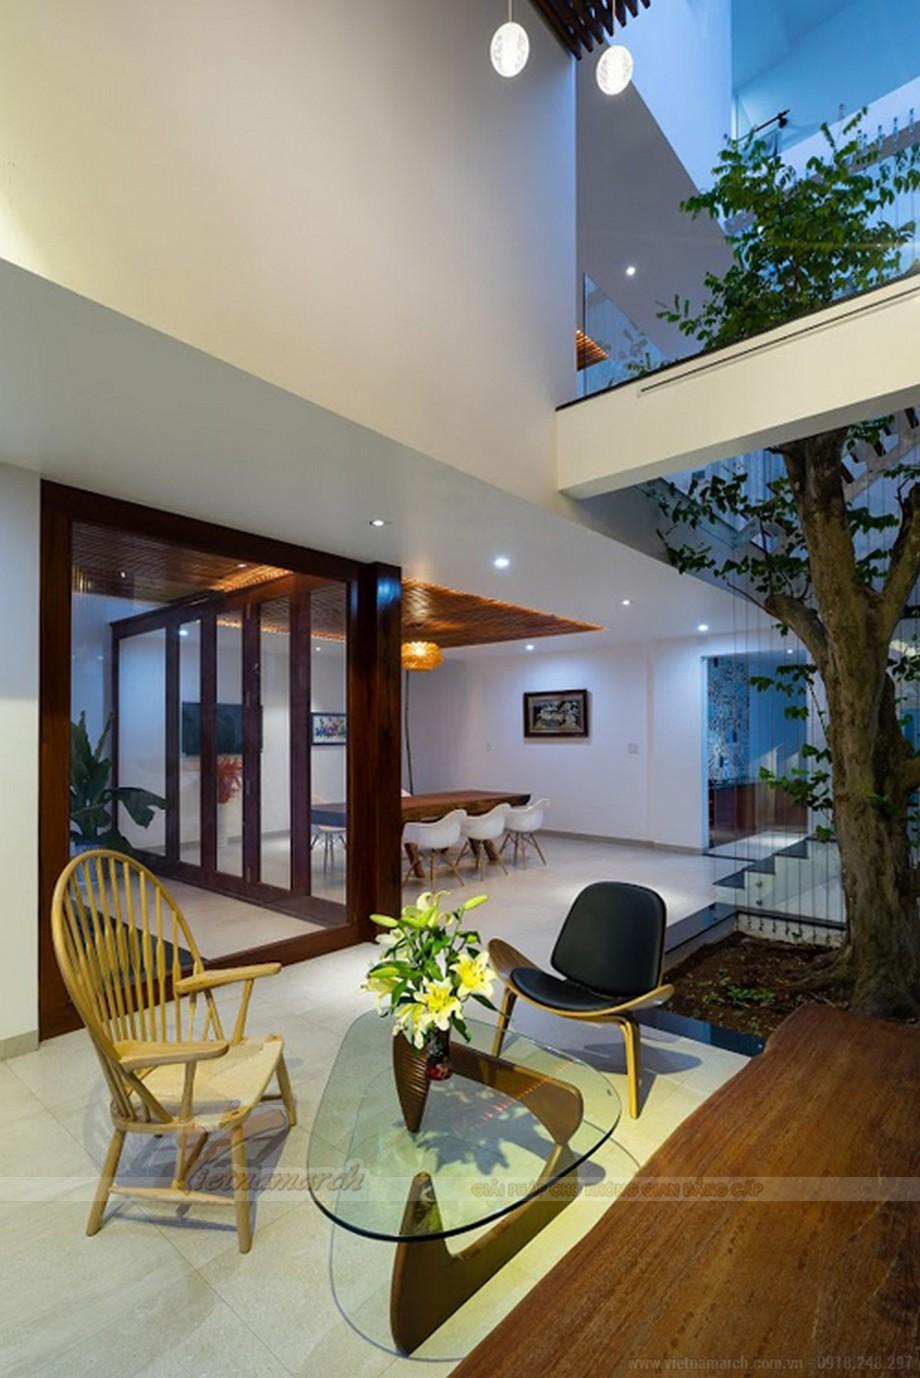 Thiết kế nội thất đẹp, độc đáo trong ngôi nhà